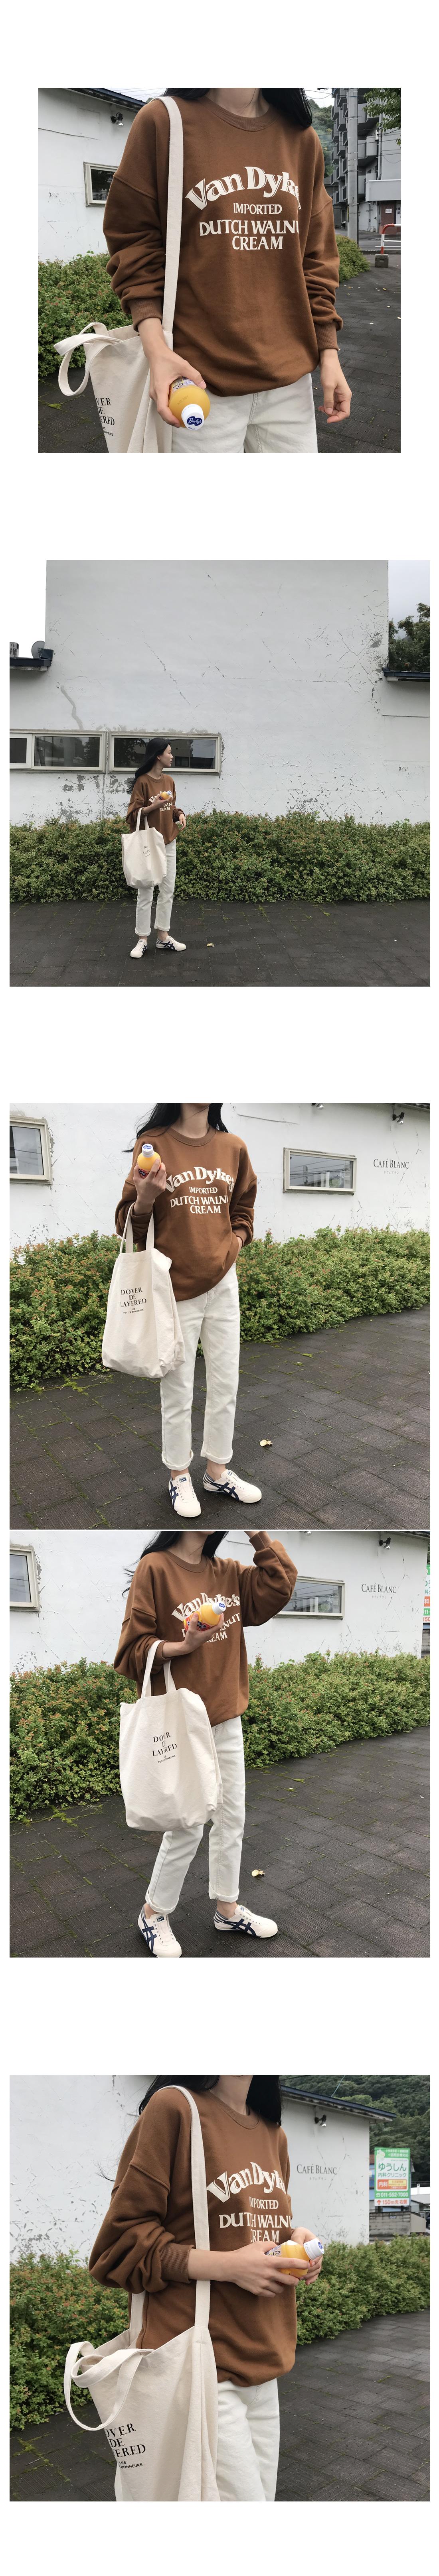 Bandai man-to-man T-shirt